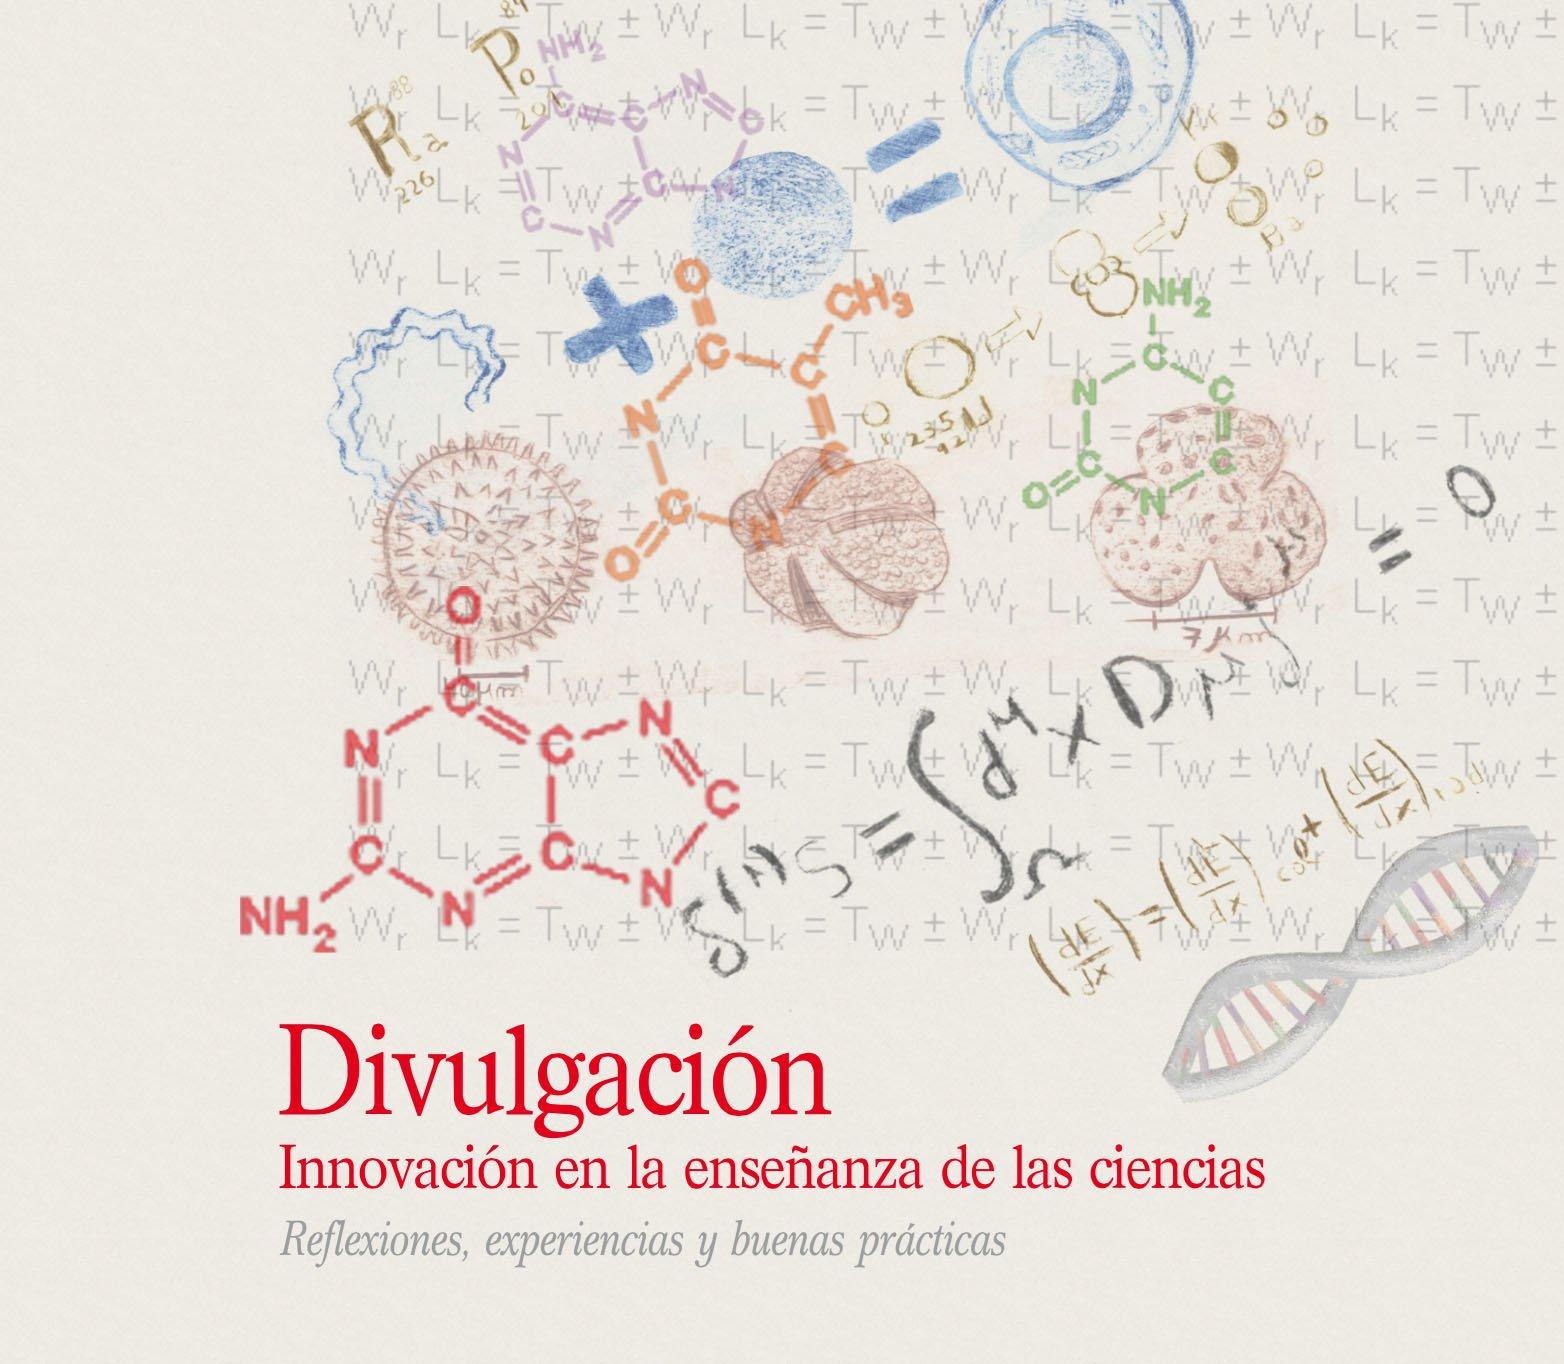 Libro 'Divulgación. Innovación en la #enseñanza de las #ciencias'. #Recurso sobre #STEM @FECYT_Ciencia @scientix_eu https://t.co/7RRzQIgL6l